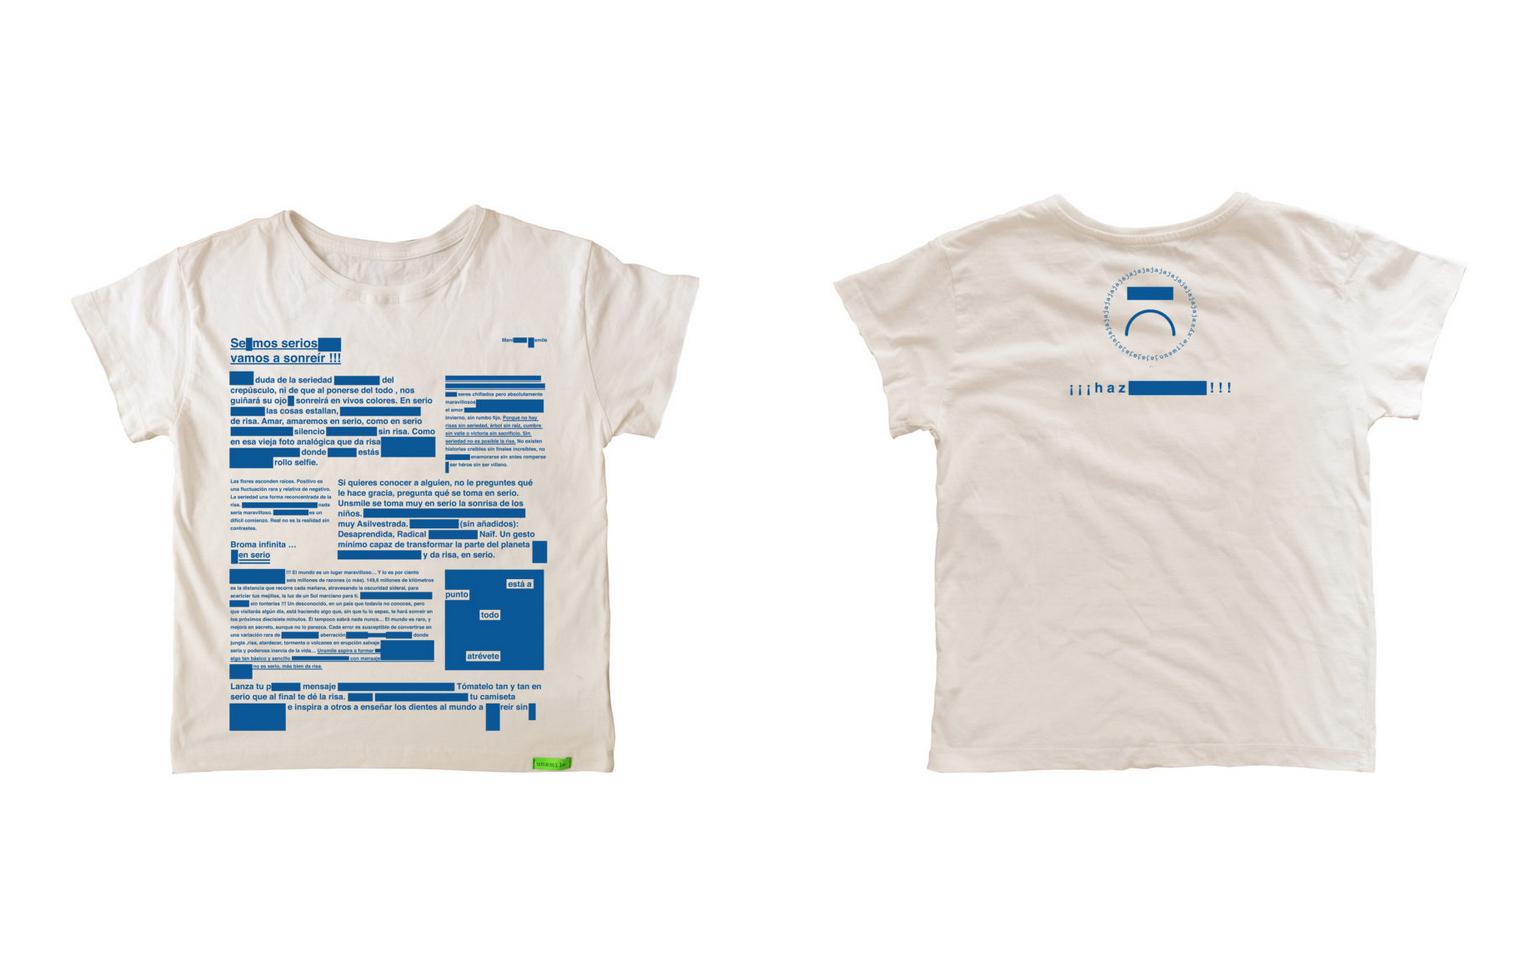 https://unsmile.xyz/shop/camiseta-dos/